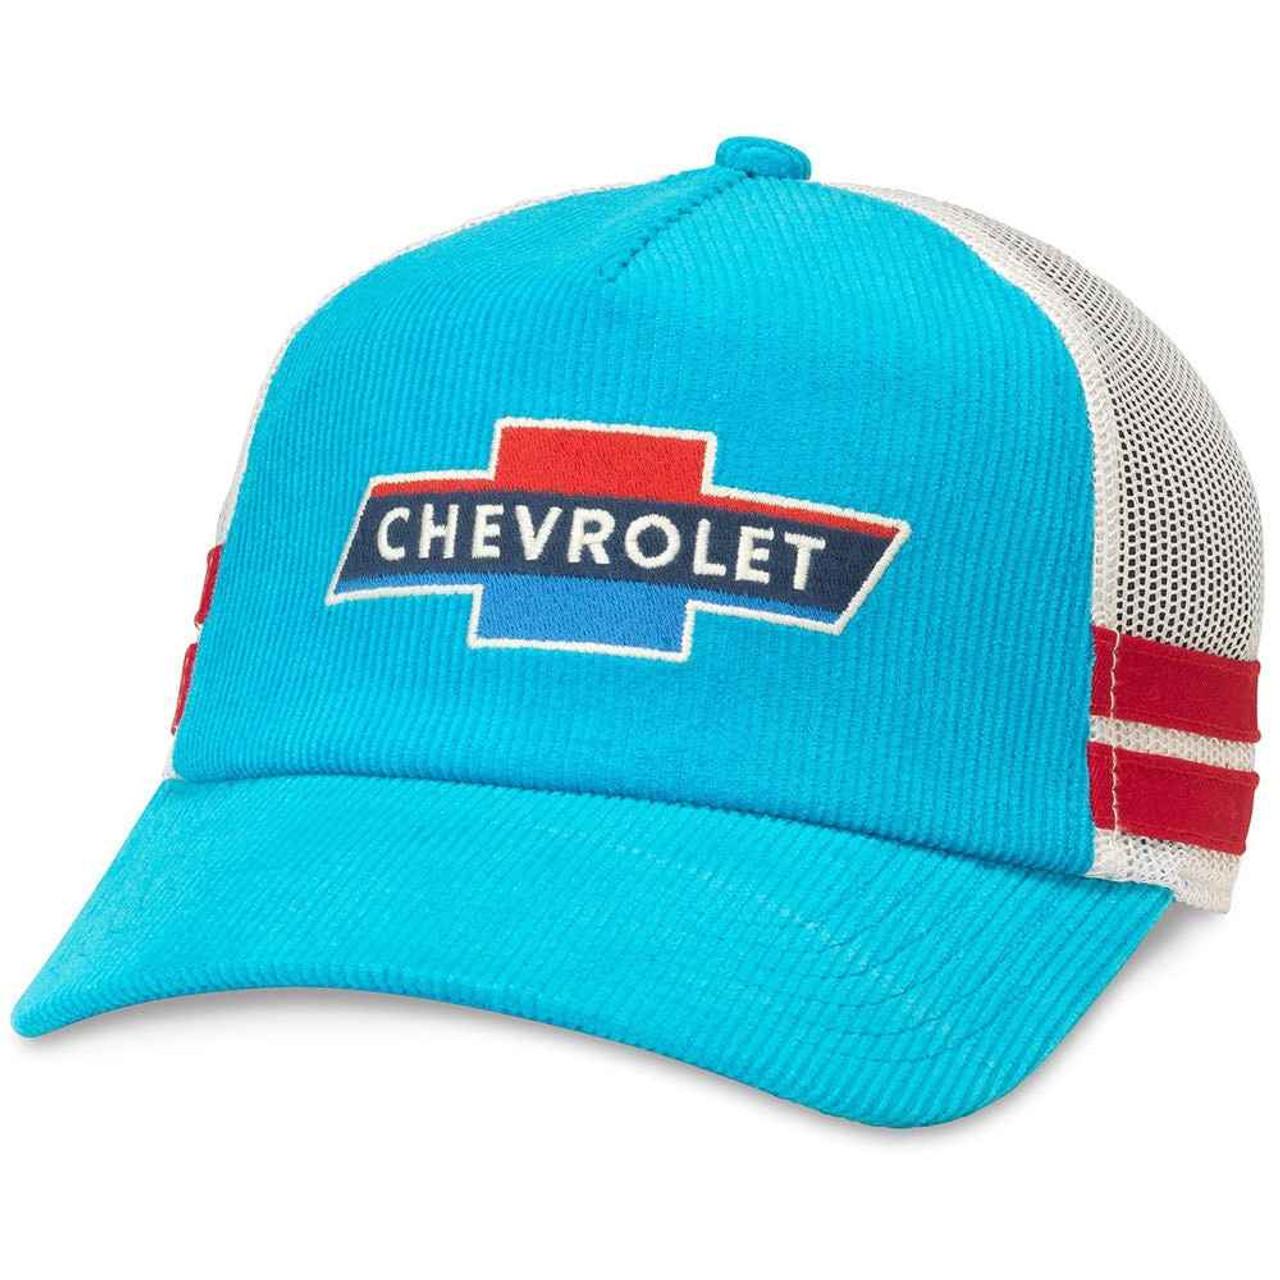 Chevrolet Mack Hat Official General Motors Hats